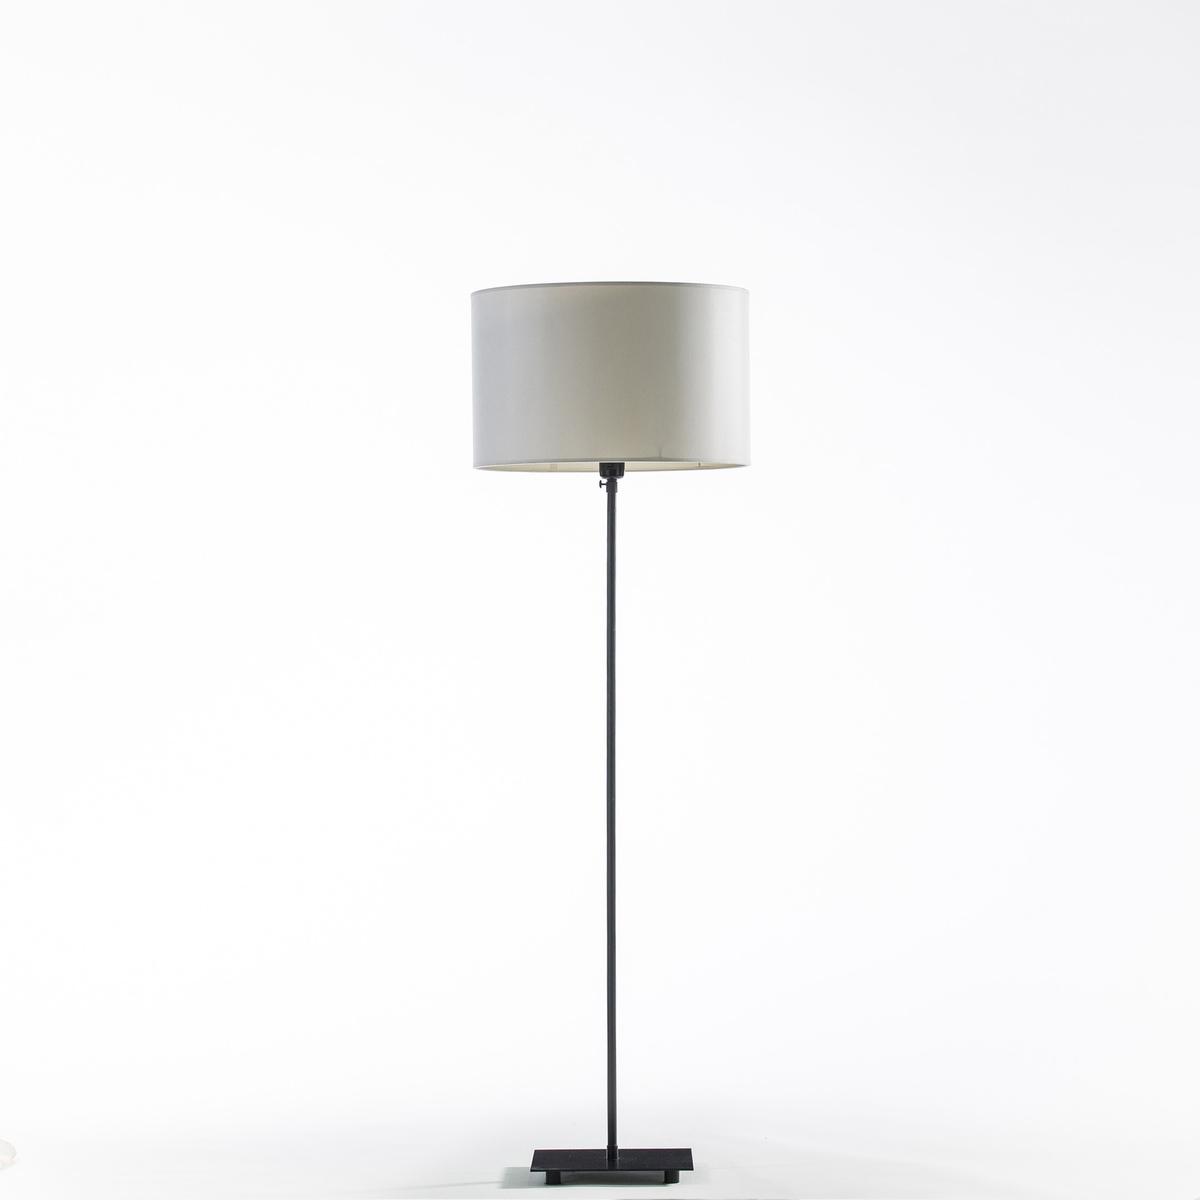 Ножка торшера, MarsТелескопическая ножка торшера из черного металла. Регулируемая высота от 108,5 до 195 см . Квадратный низ 23 x 23 см . Встроенный в патрон  E27 выключатель . Для флюокомпактной лампочки макс 20W .Этот светильник совместим с лампочками    энергетического класса   A-B-C-D-E .<br><br>Цвет: черный